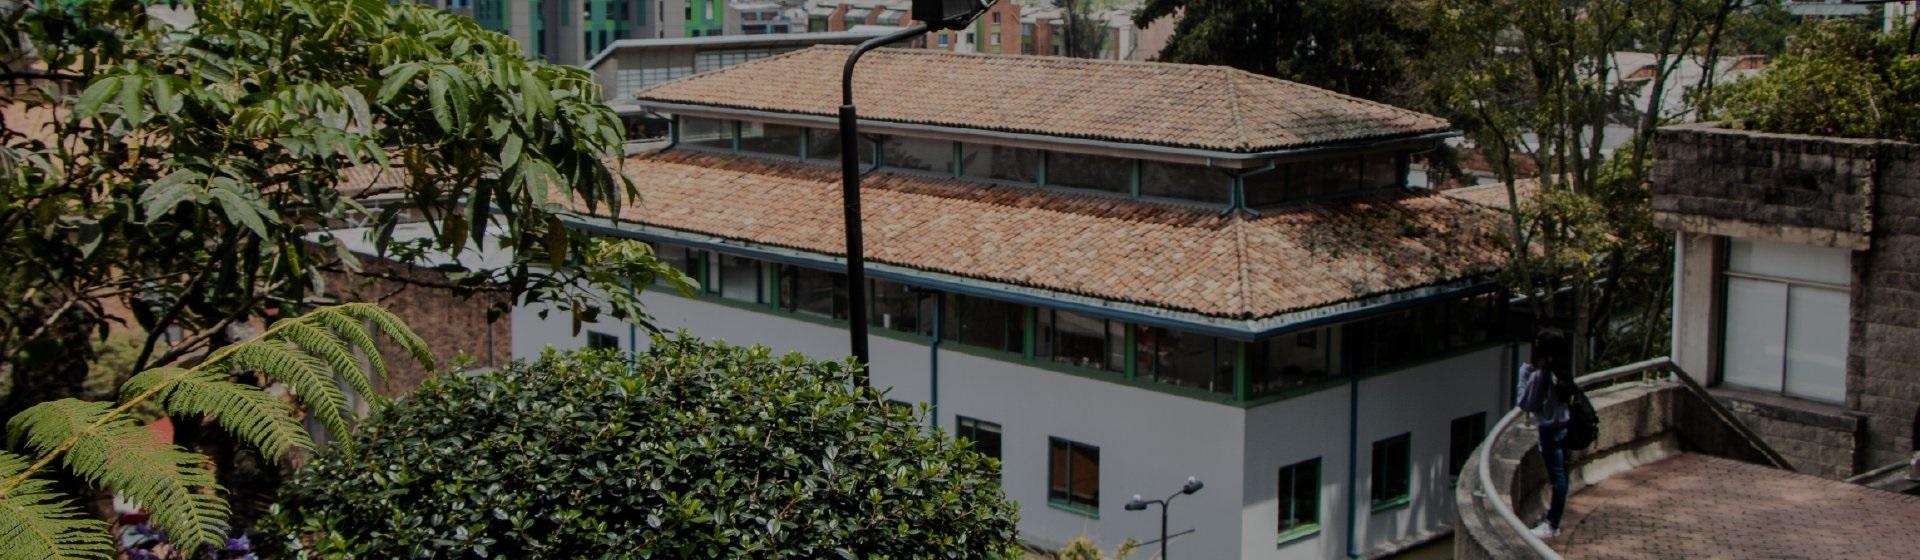 Edificio Rgc Facultad de Derecho de la Universidad de los Andes. Se ve parte de la fachada y del techo del edificio.